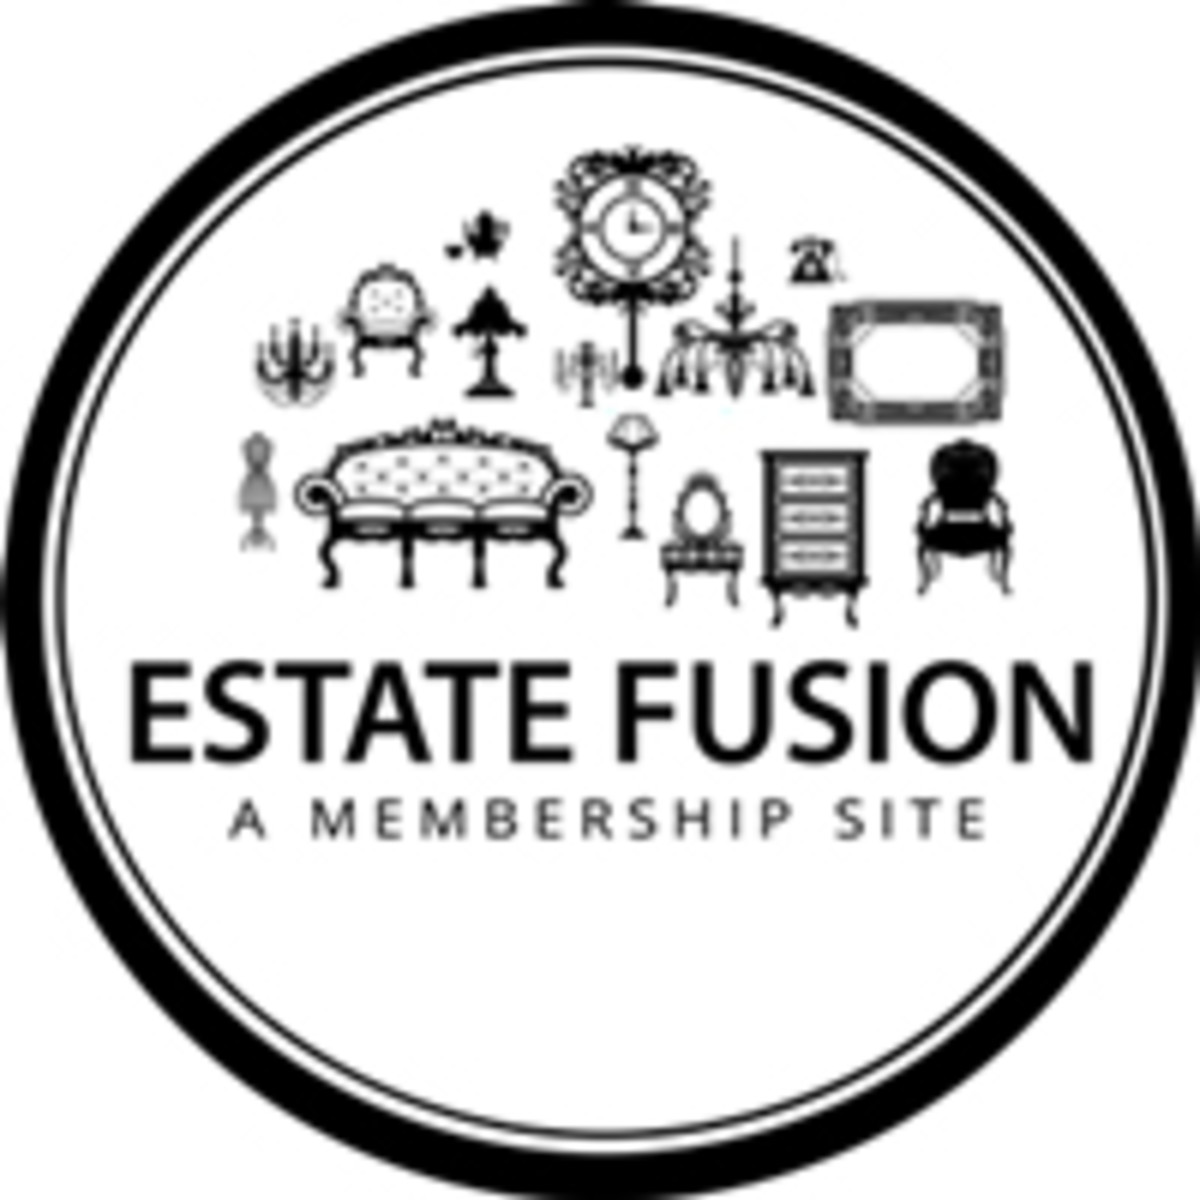 EstateFusionlogo